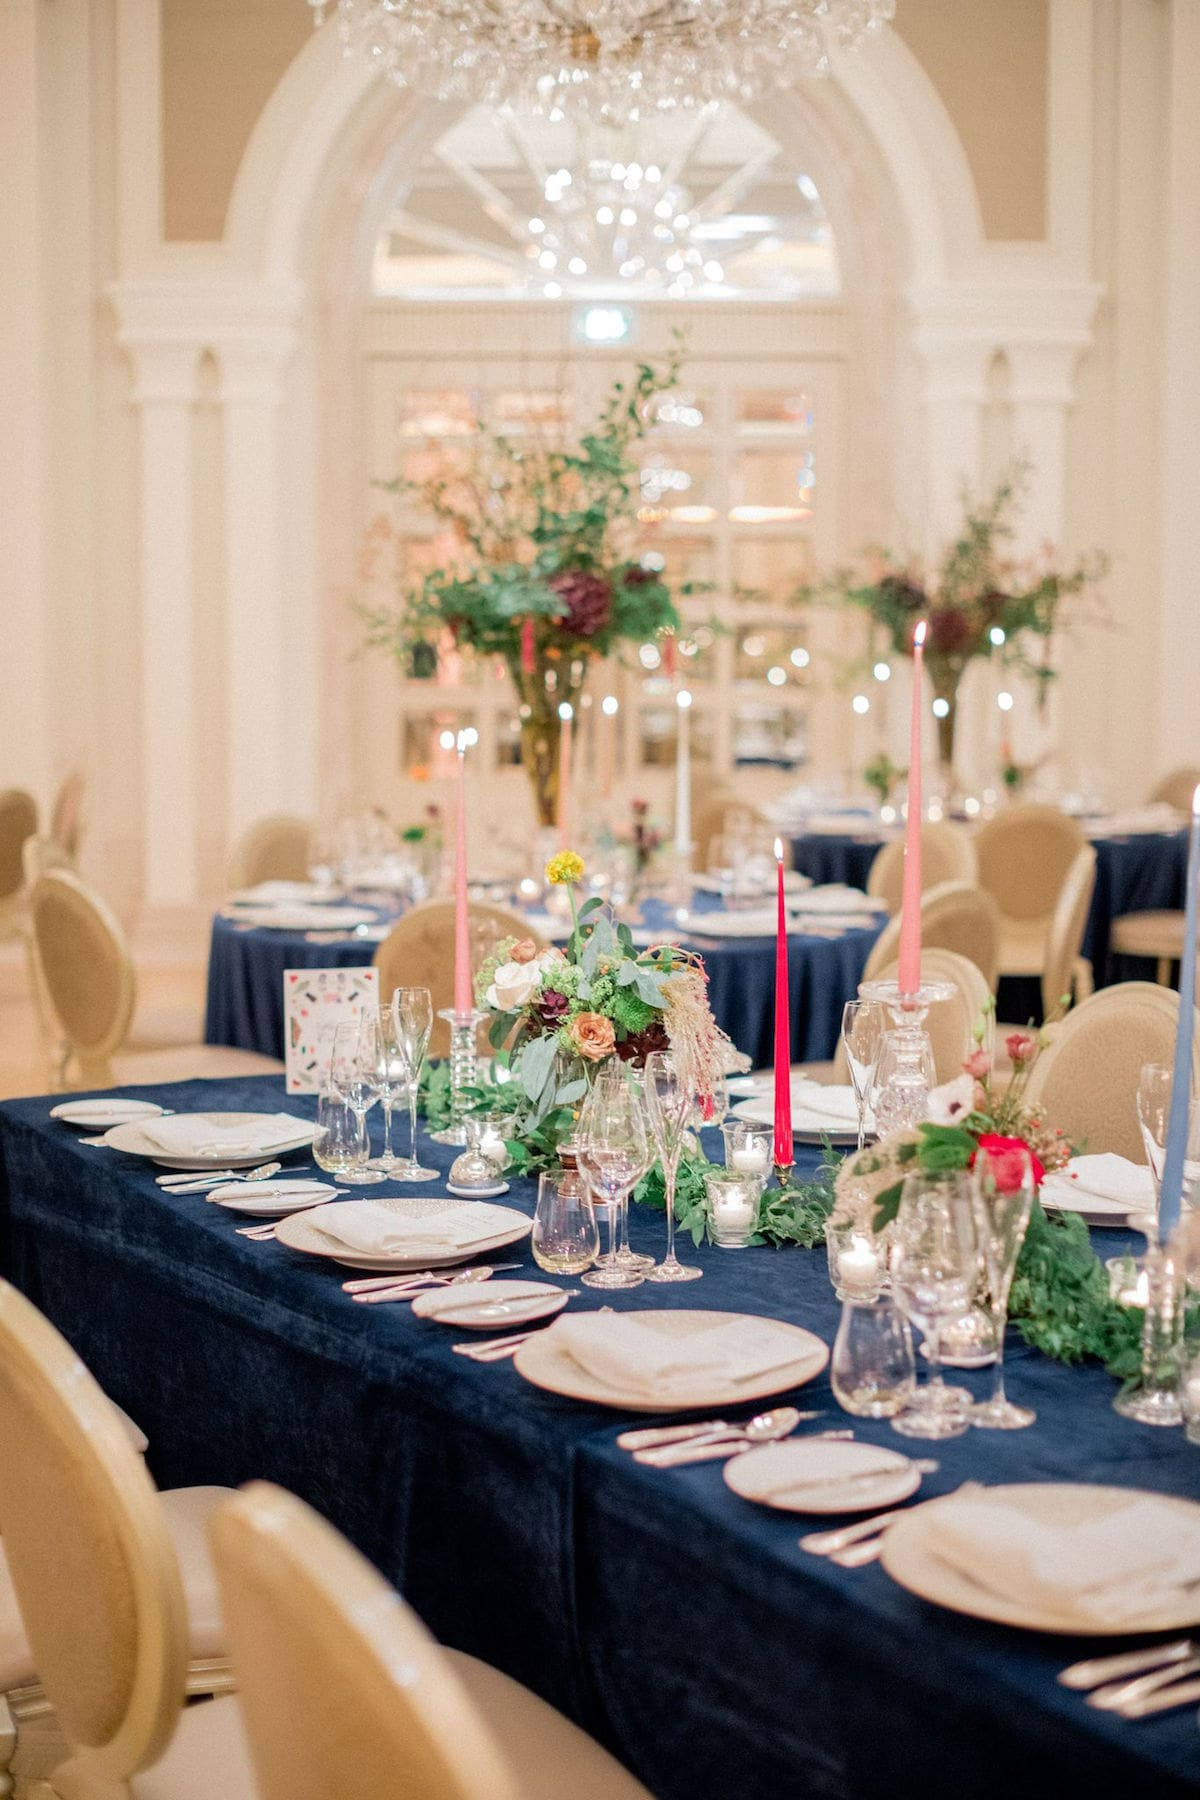 Adare Manor wedding reception table décor